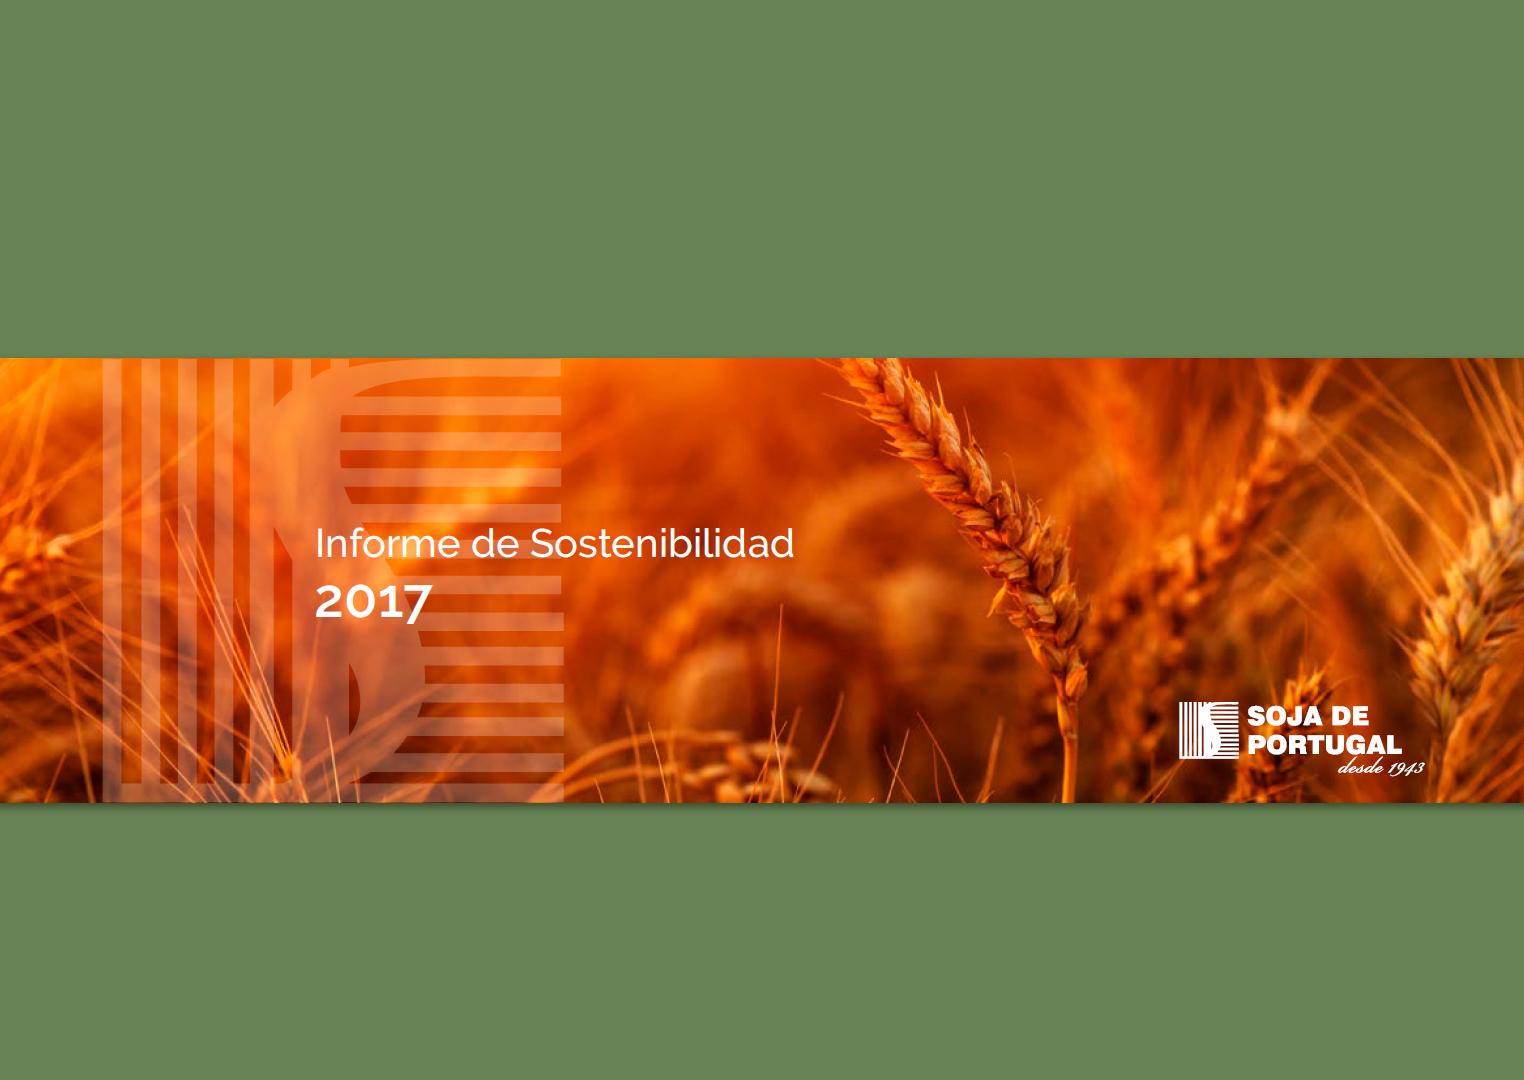 Informe de Sostenibilidad 2017